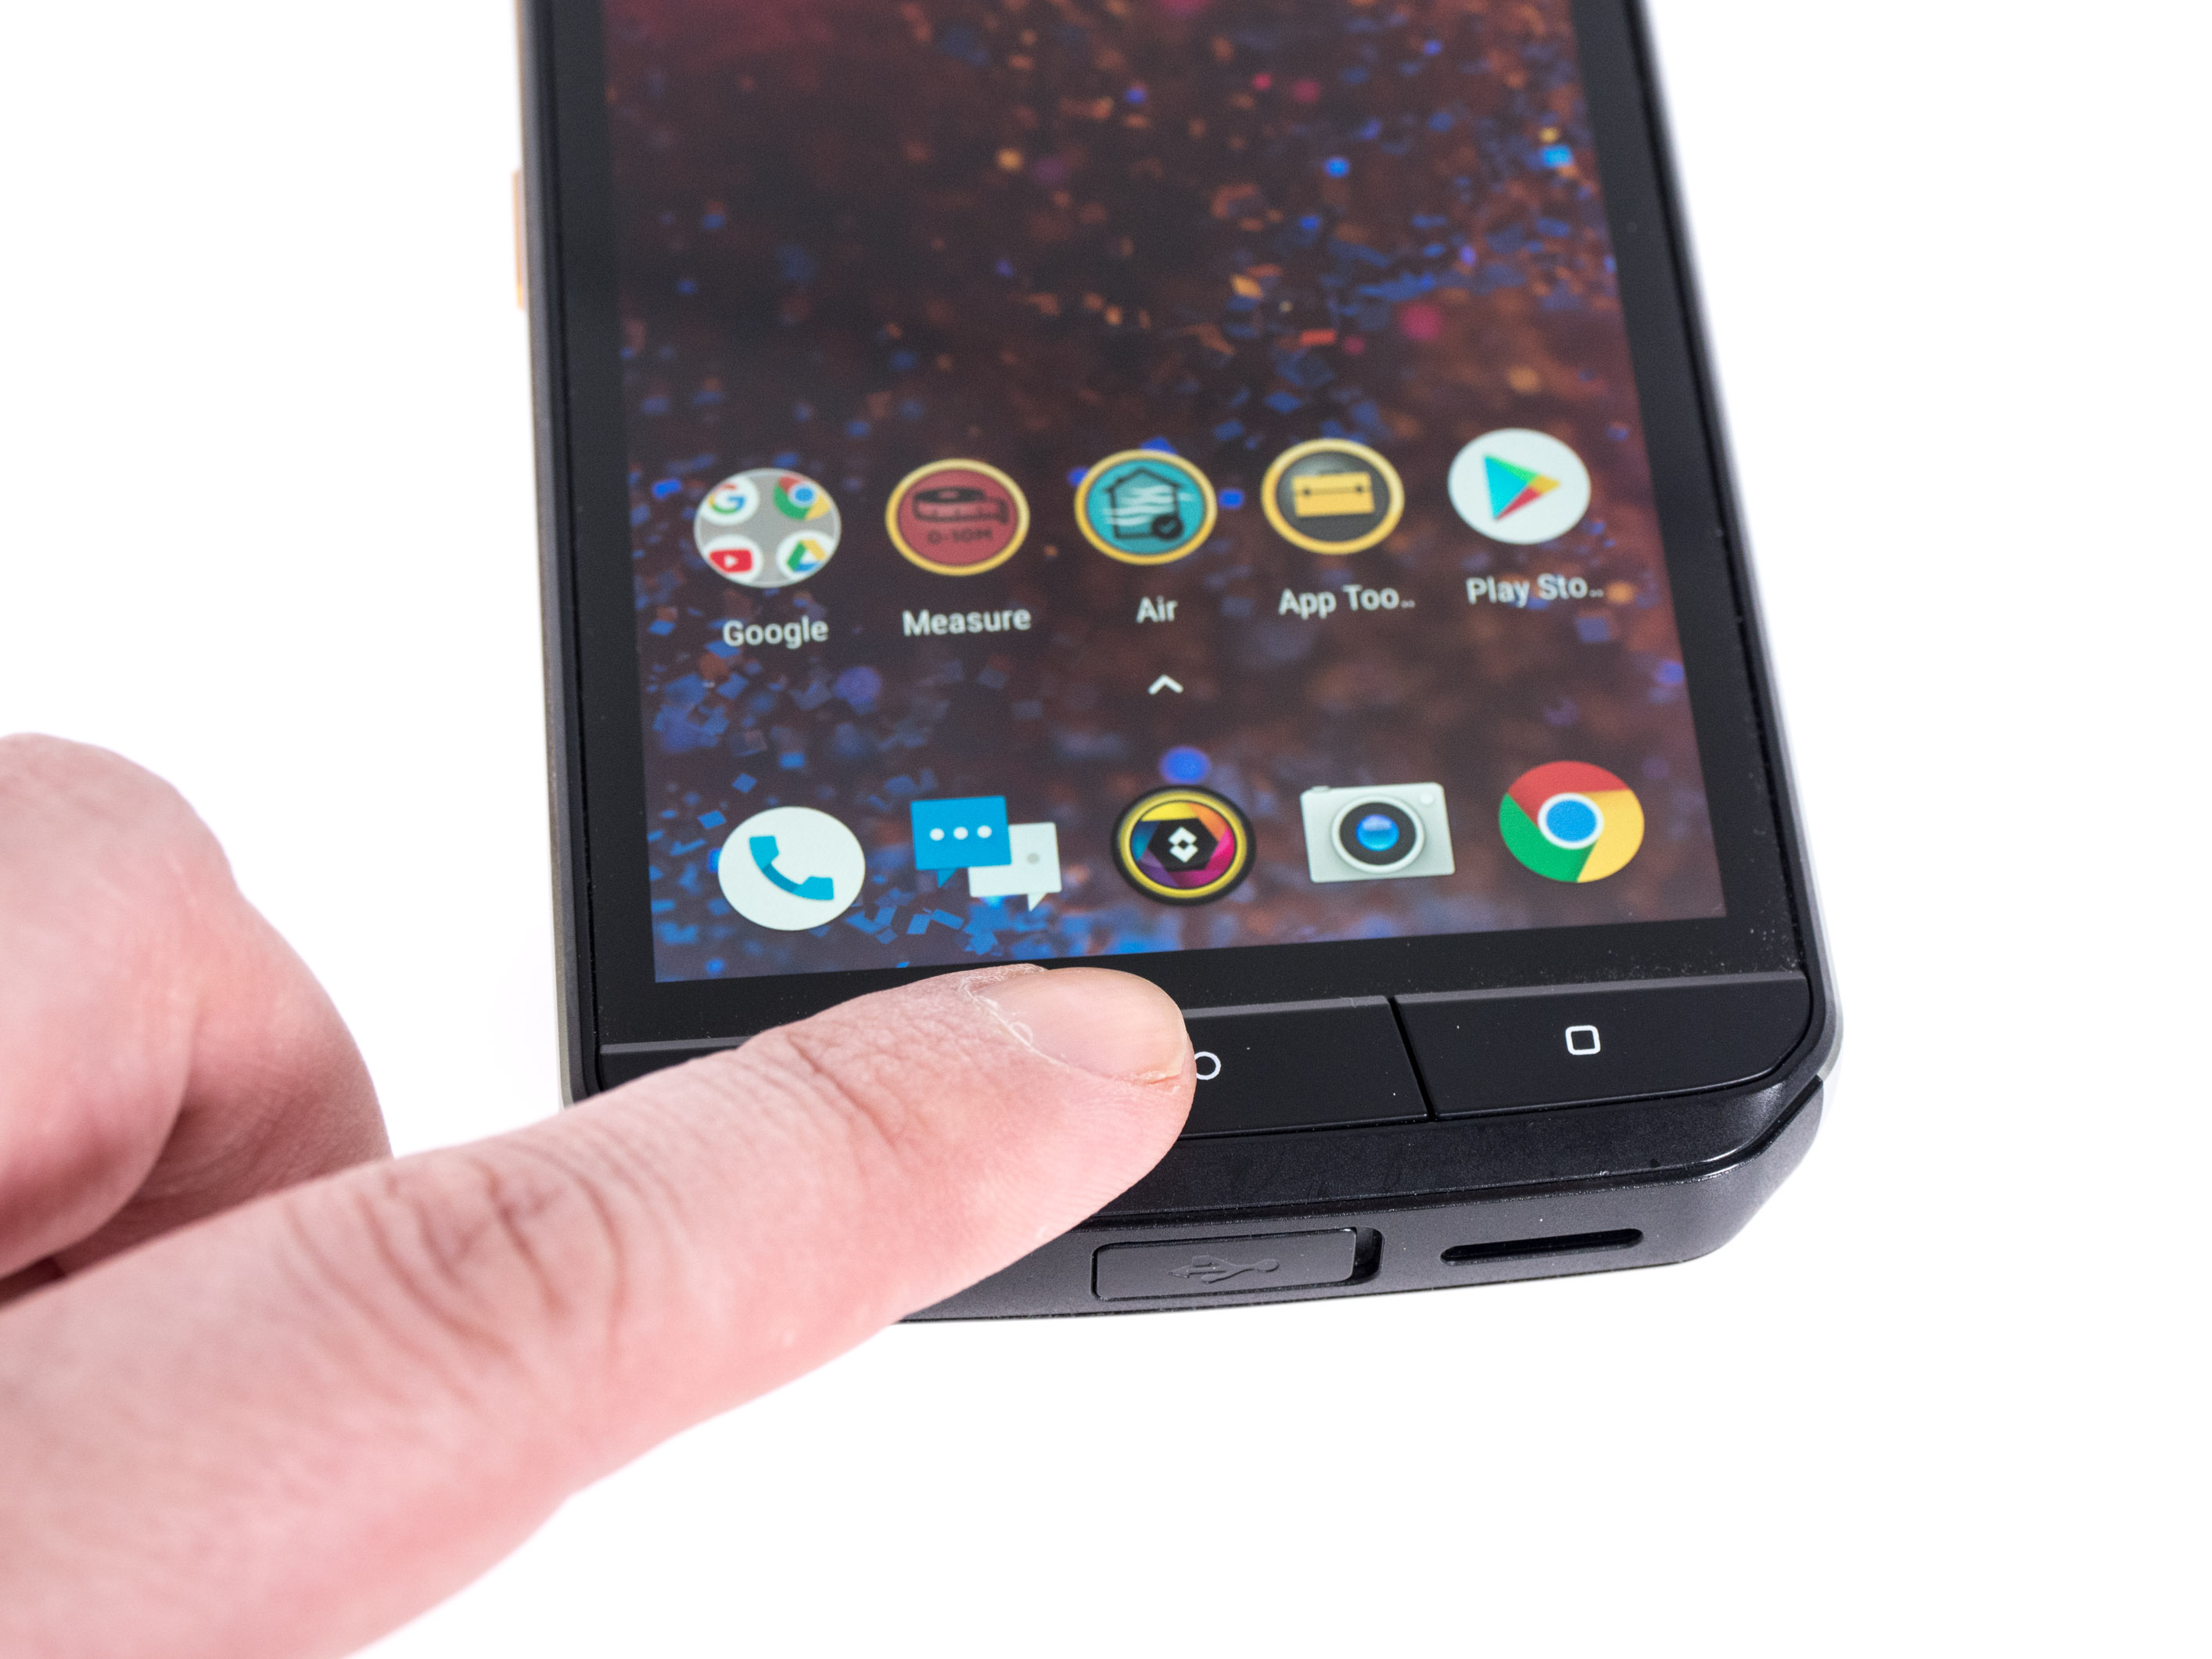 Cat S61 im Hands on: Smartphone kann Luftreinheit und Entfernungen messen - Cat S61 (Bild: Martin Wolf/Golem.de)